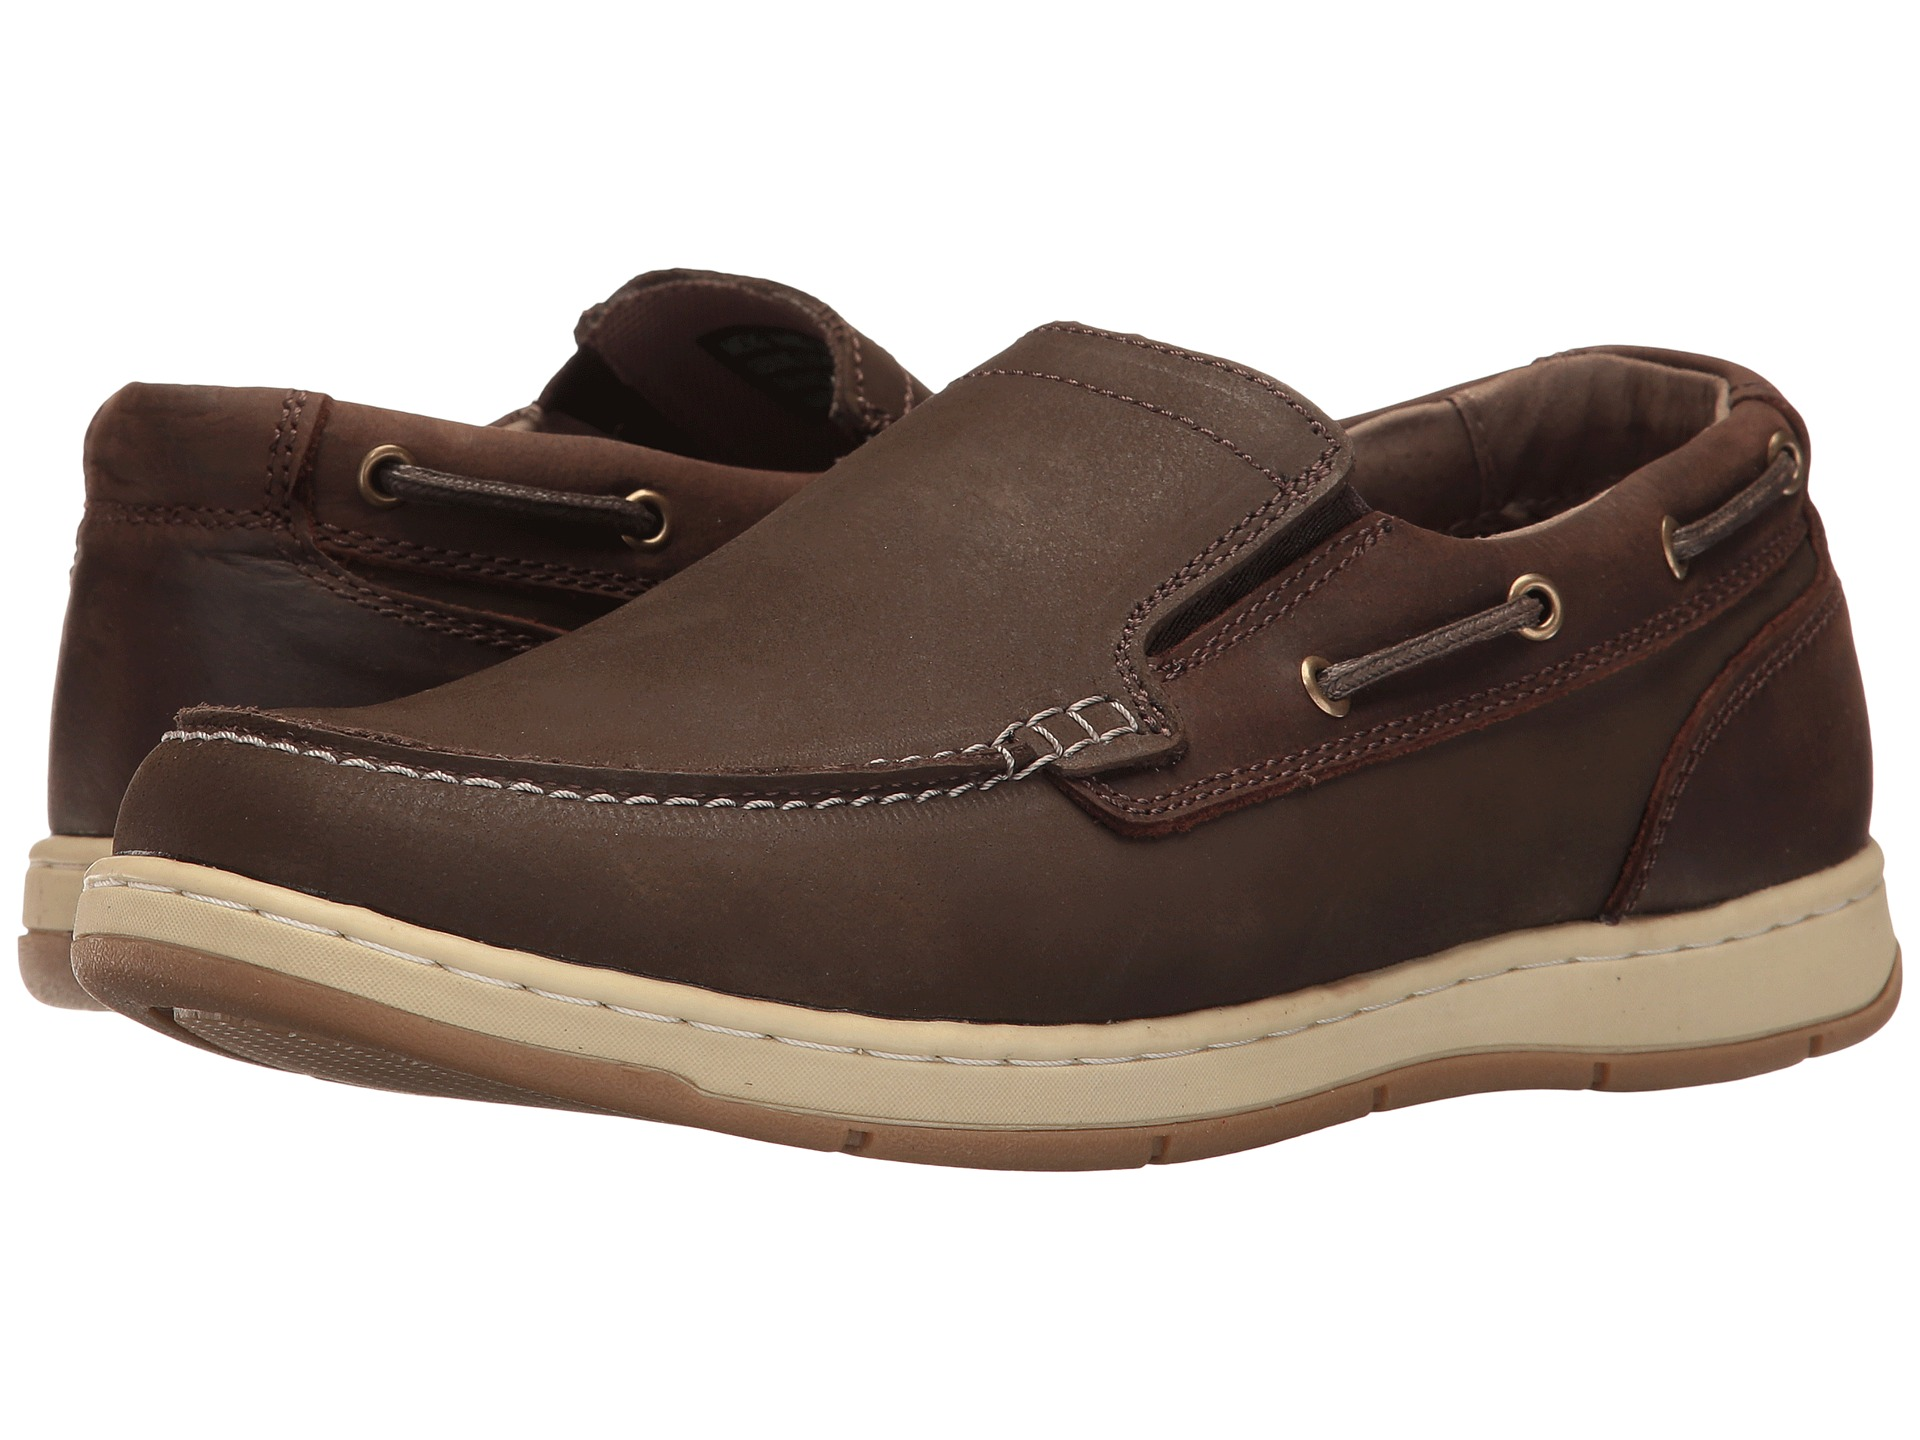 Nunn Bush Boys Shoe Size Chart